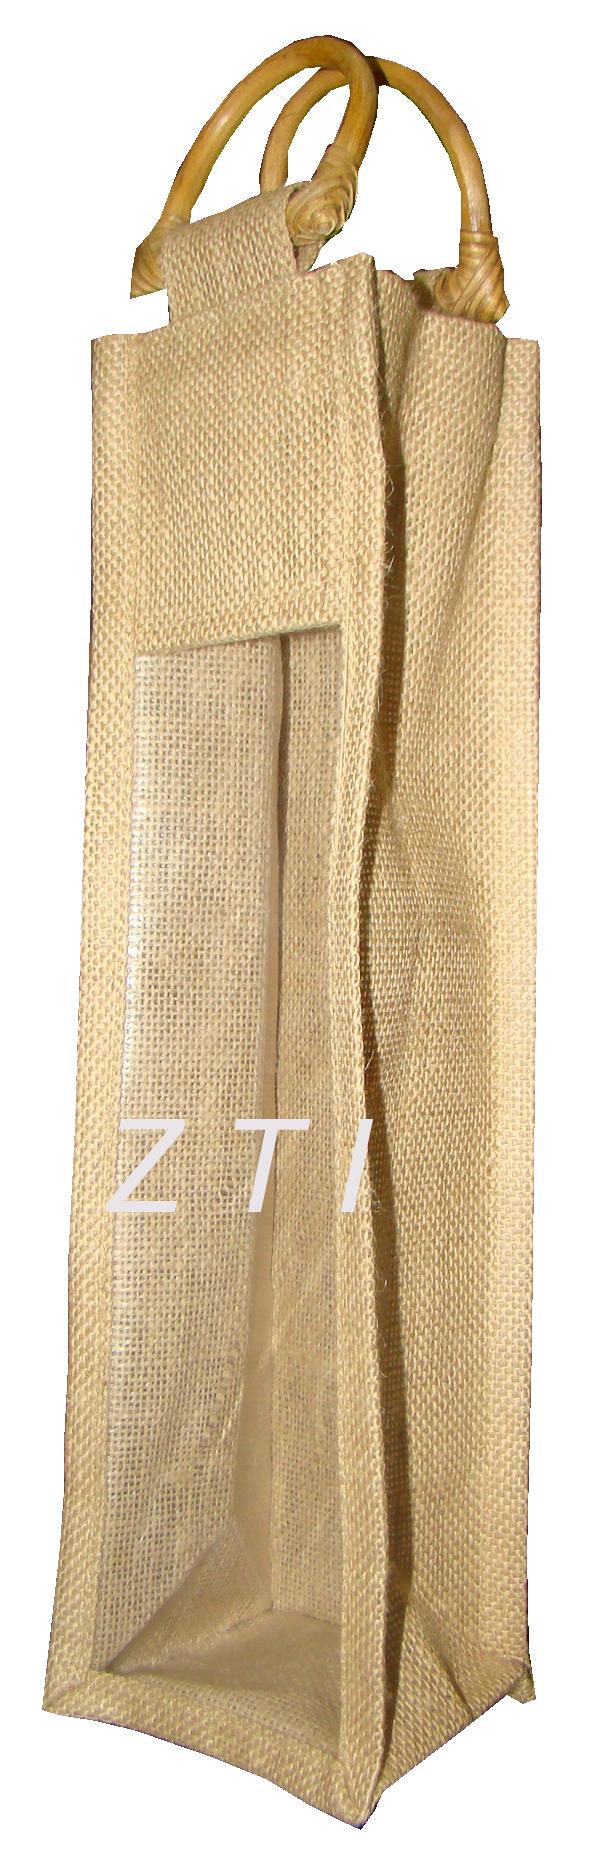 MODEL-NO.-1055-SIZE-9x35x9-cms